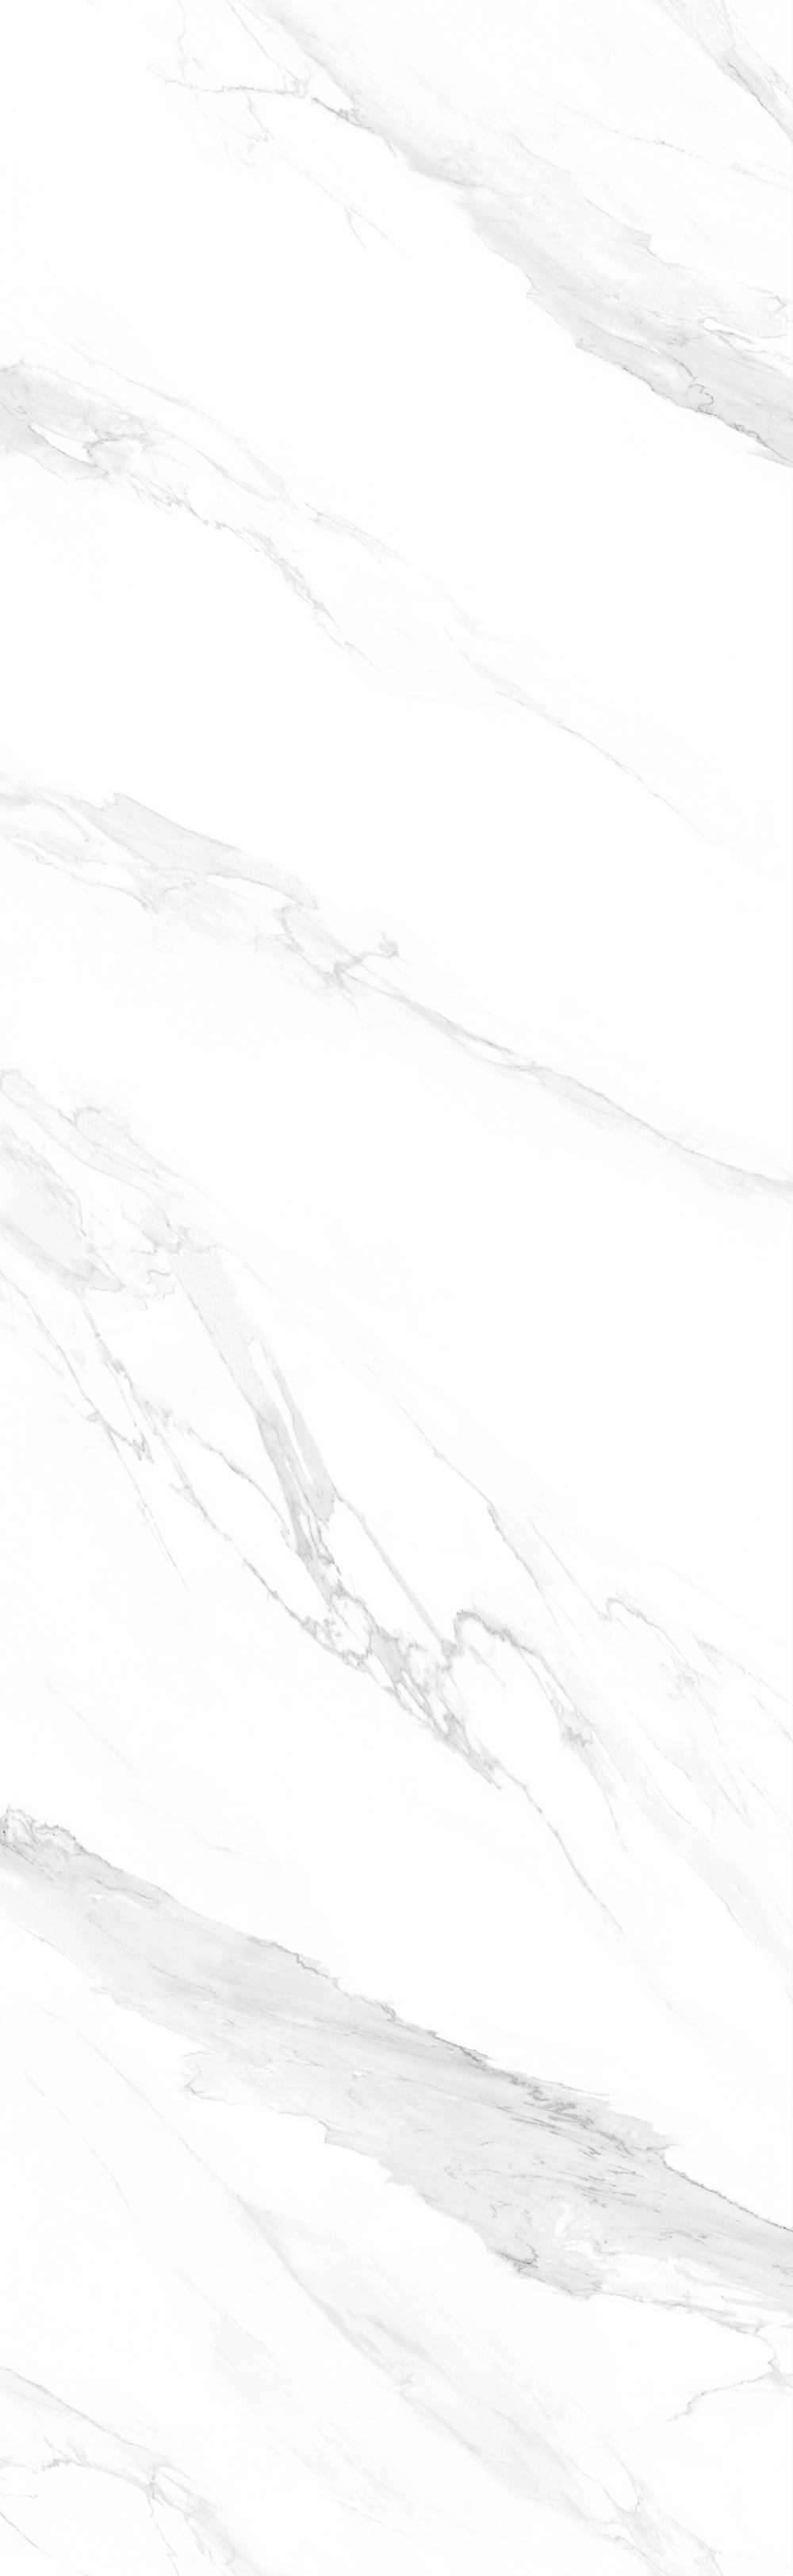 HJ9L2608014远山琼黛(亮光,横向无限连纹)